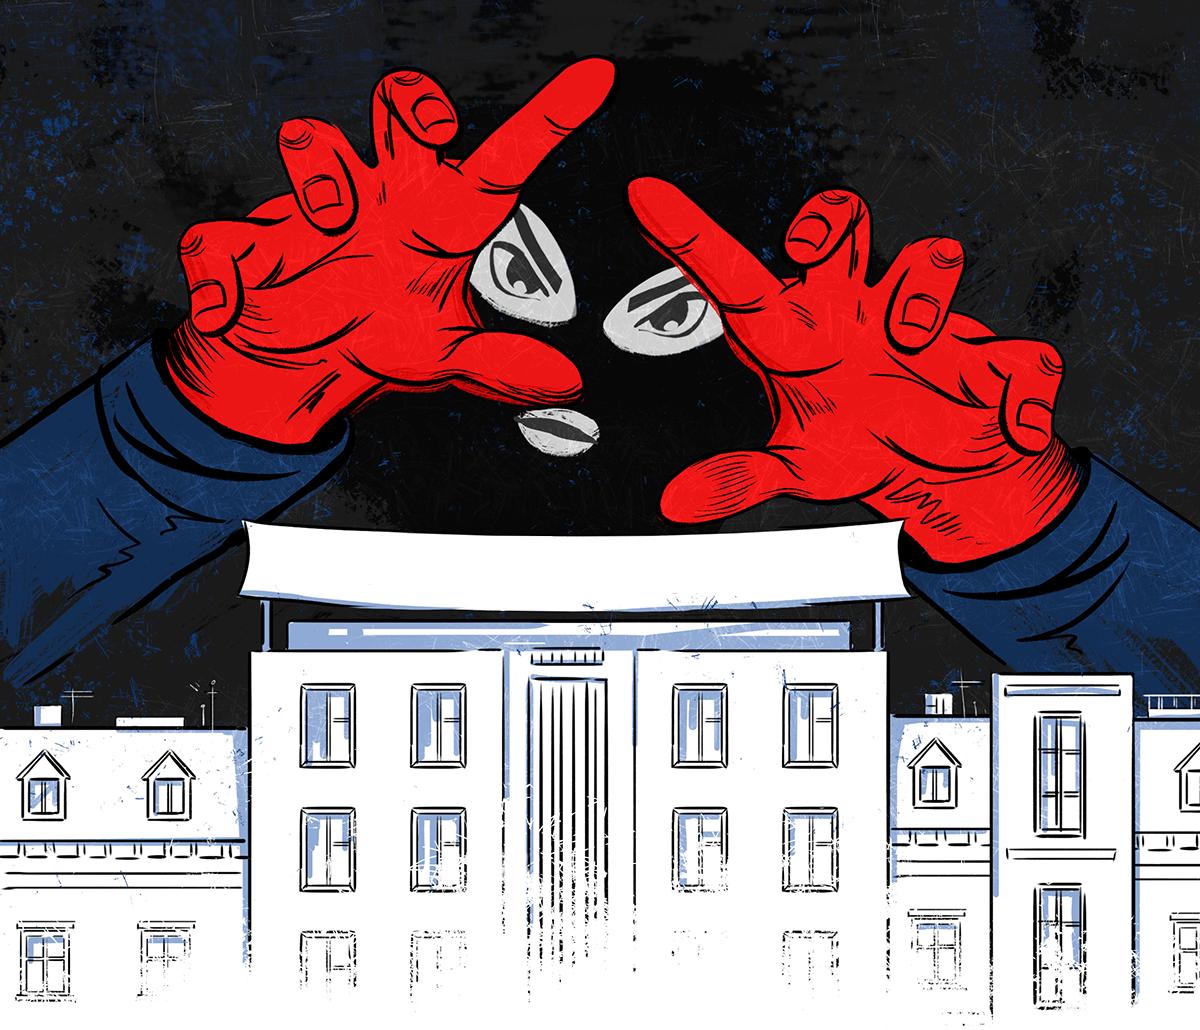 ПростоРейдерство, или как полтора десятка регистраторов разрушили инвестклимат в Украине